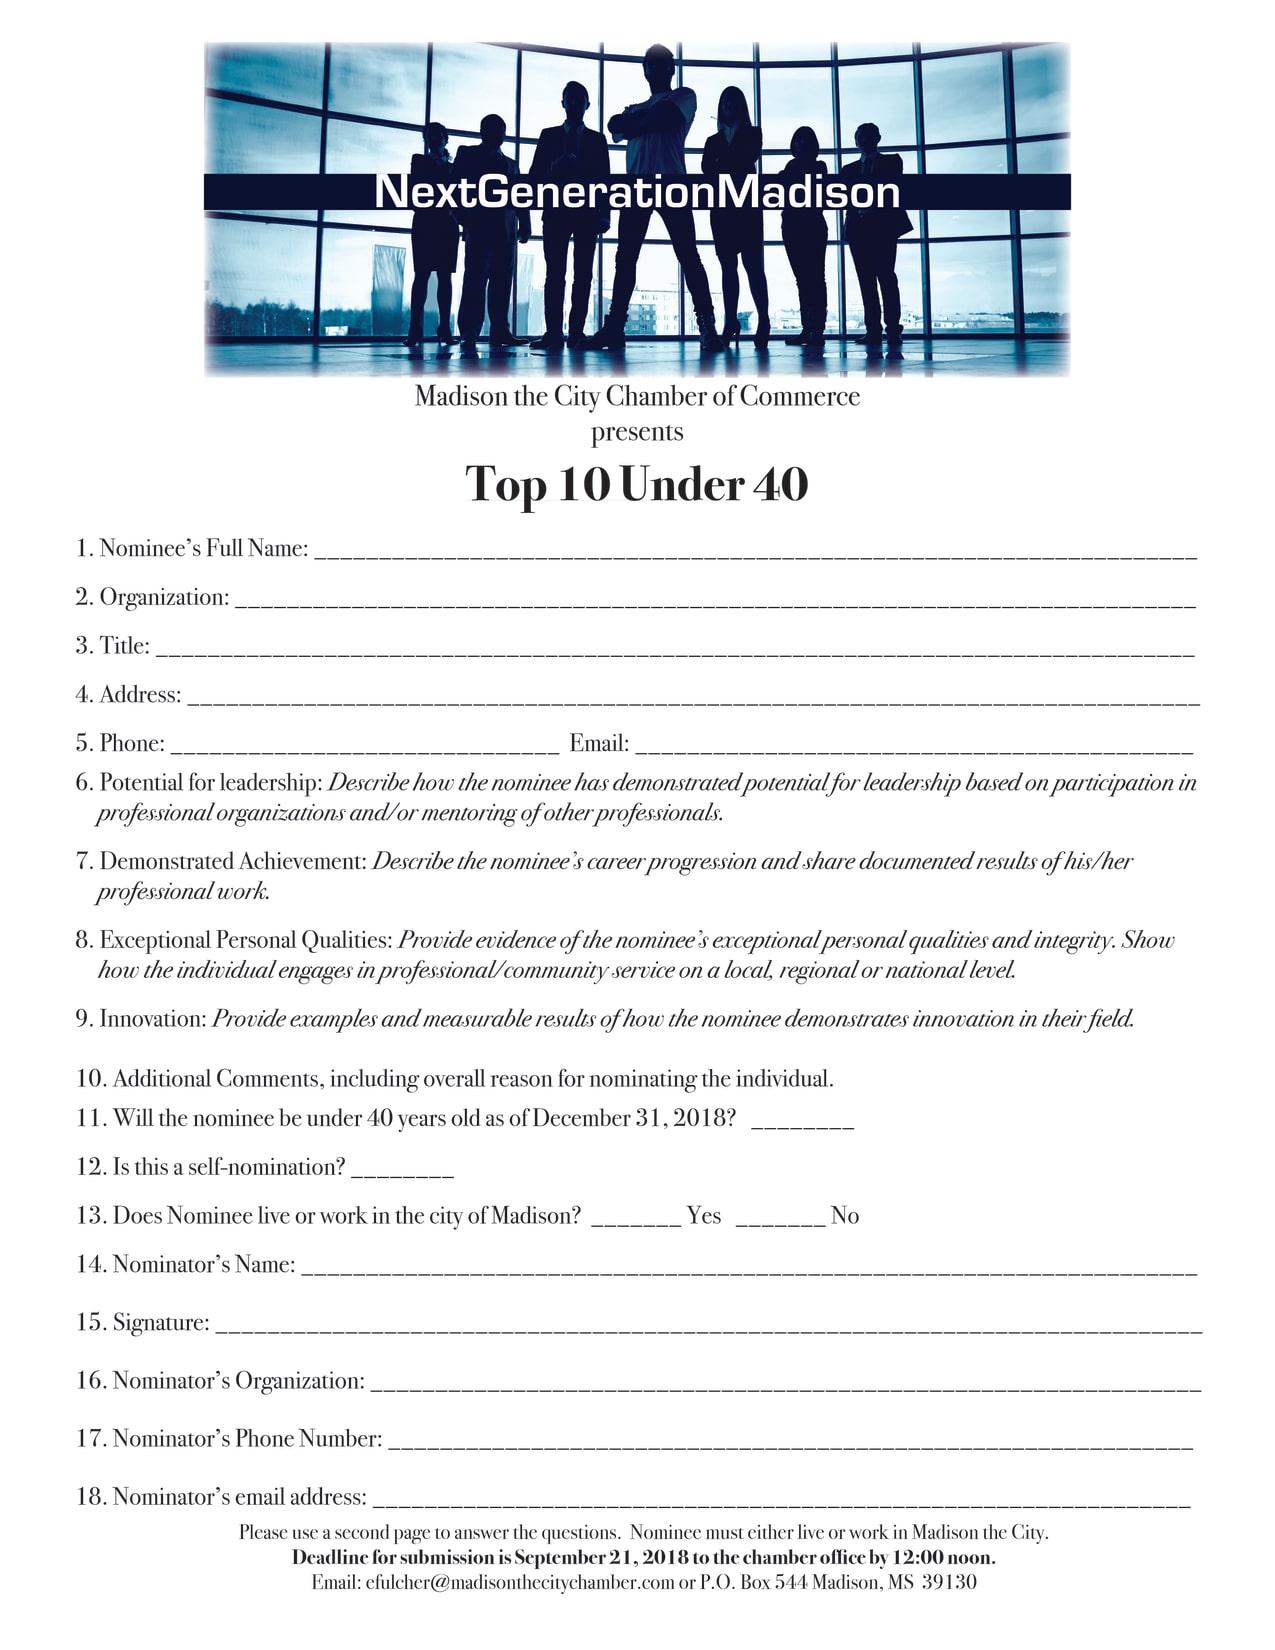 Top-10-under-40(2)-w5100.jpg